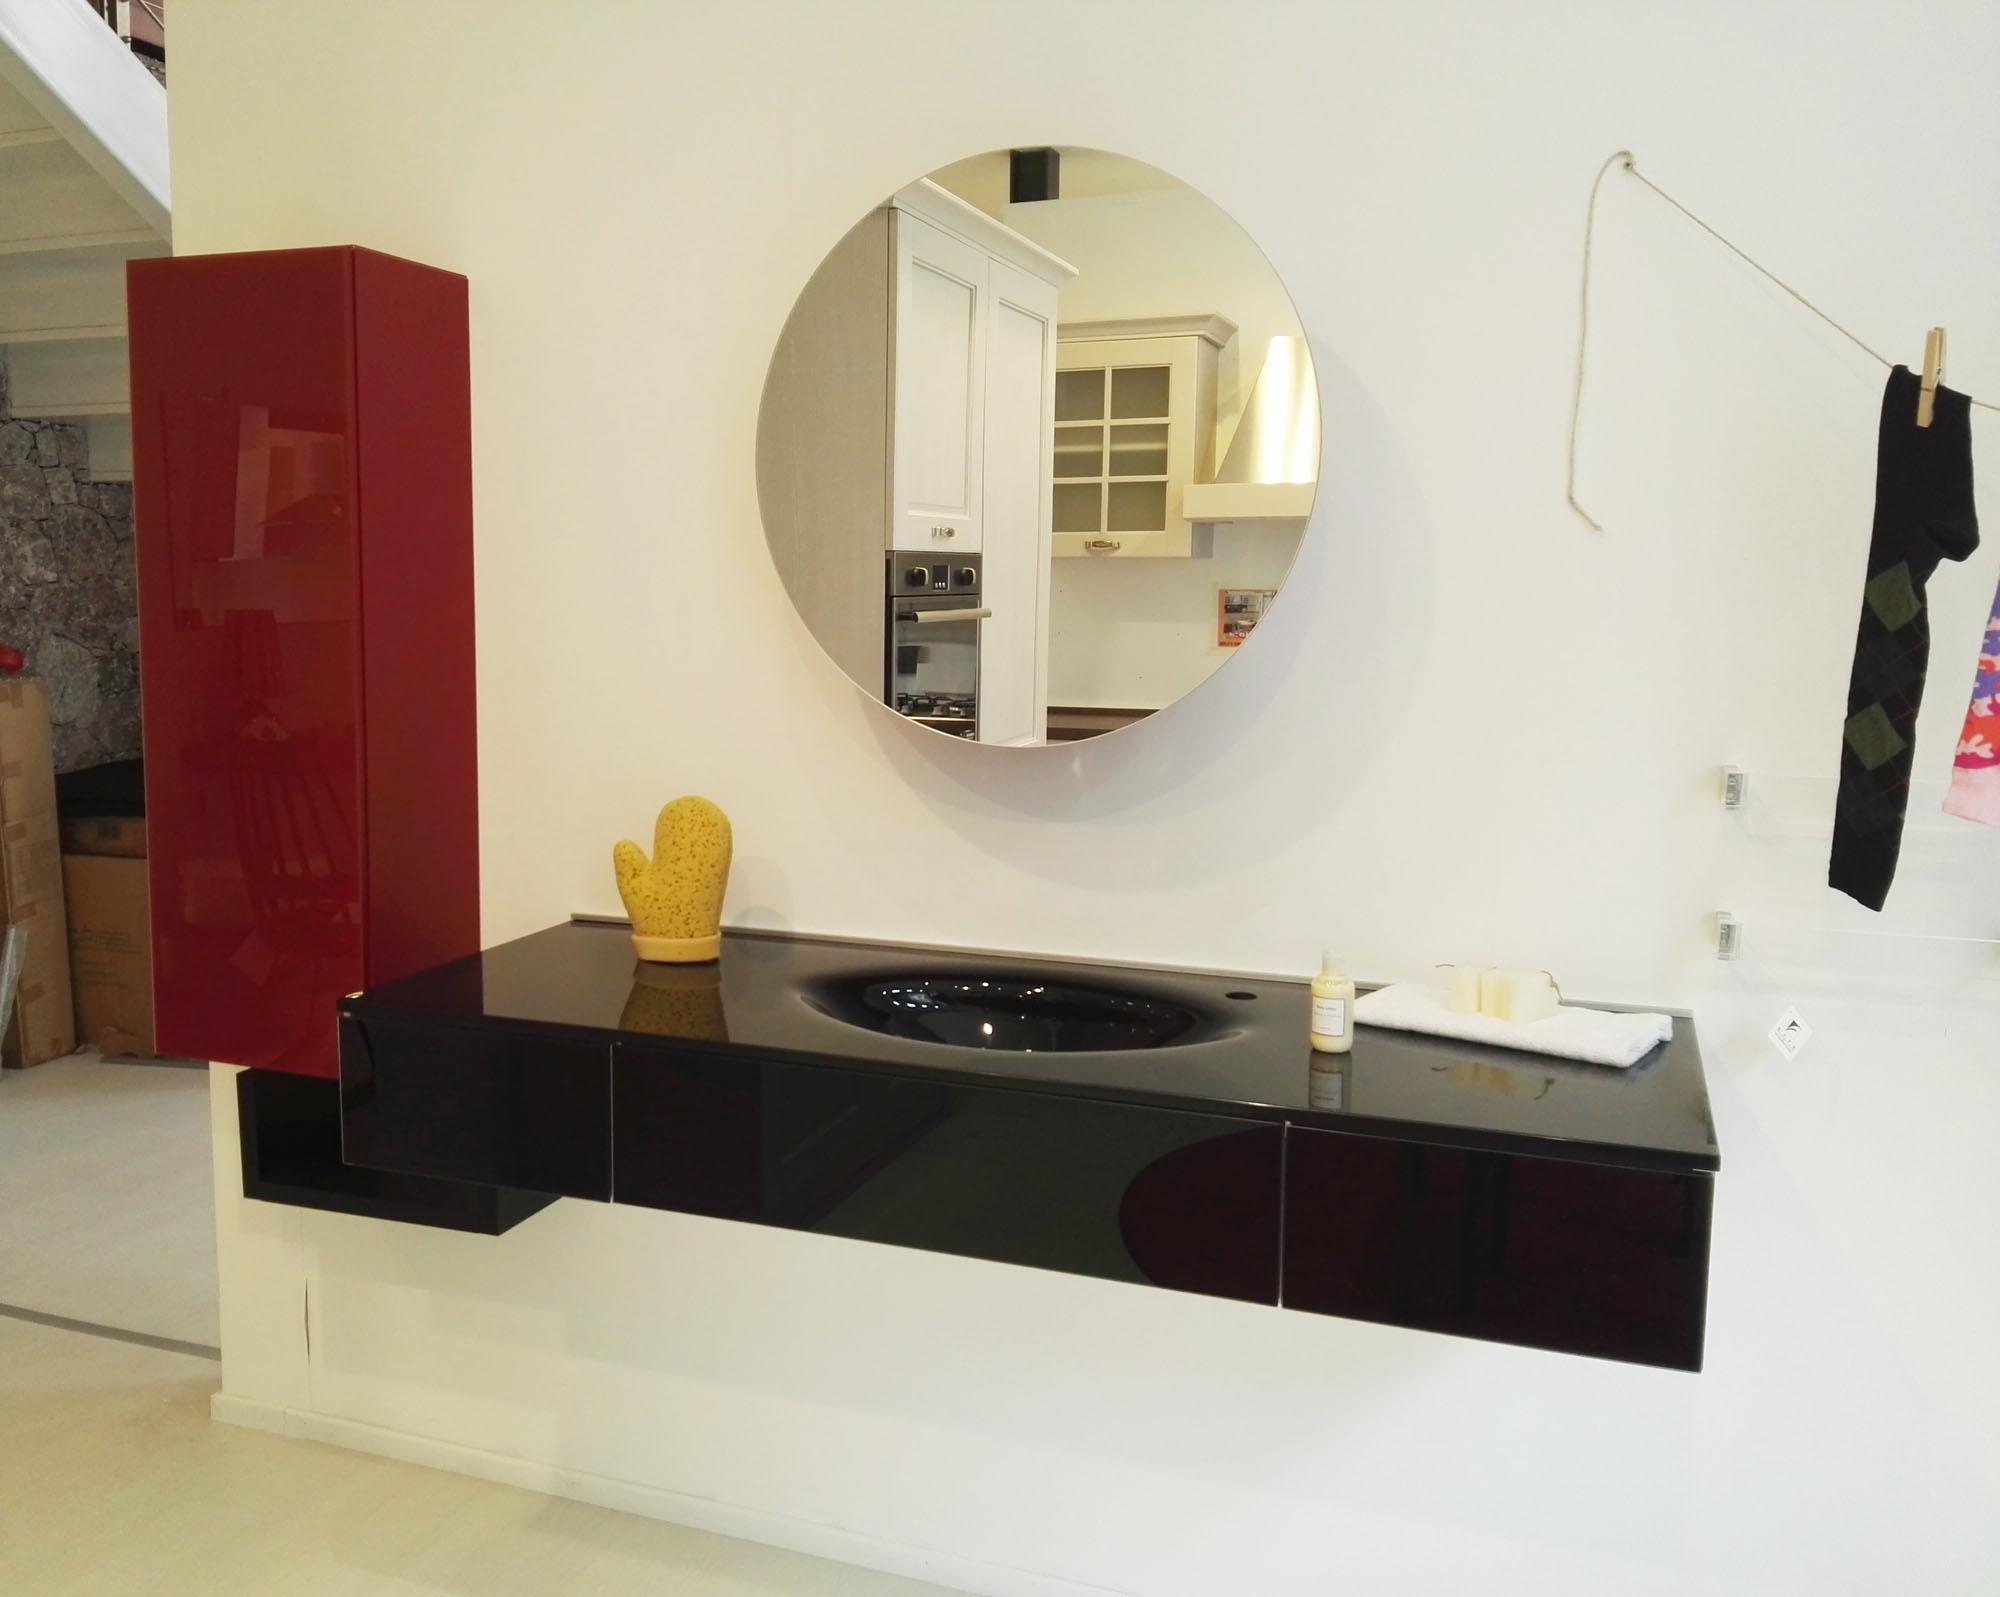 Ikea bagno doppio lavabo ~ avienix.com for .